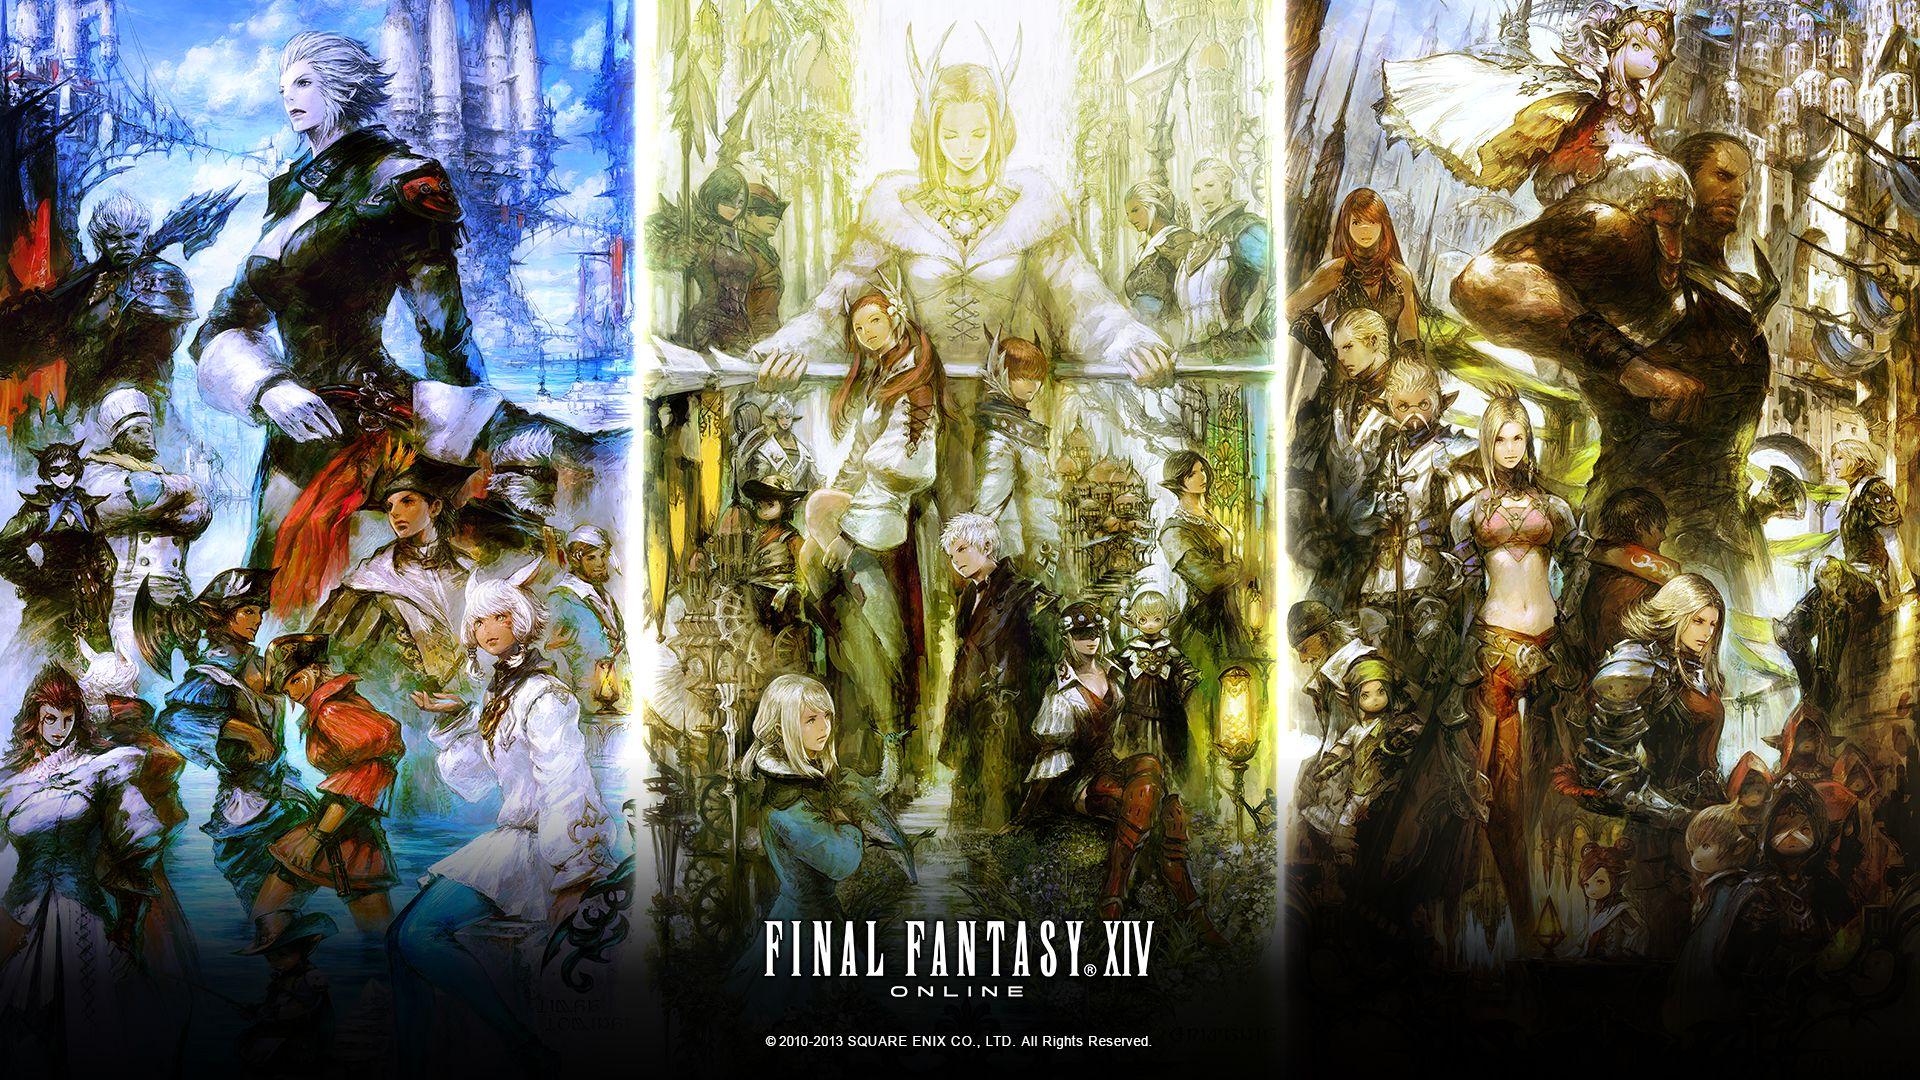 Final Fantasy XIV A Realm Reborn wallpaper 3 1920x1080